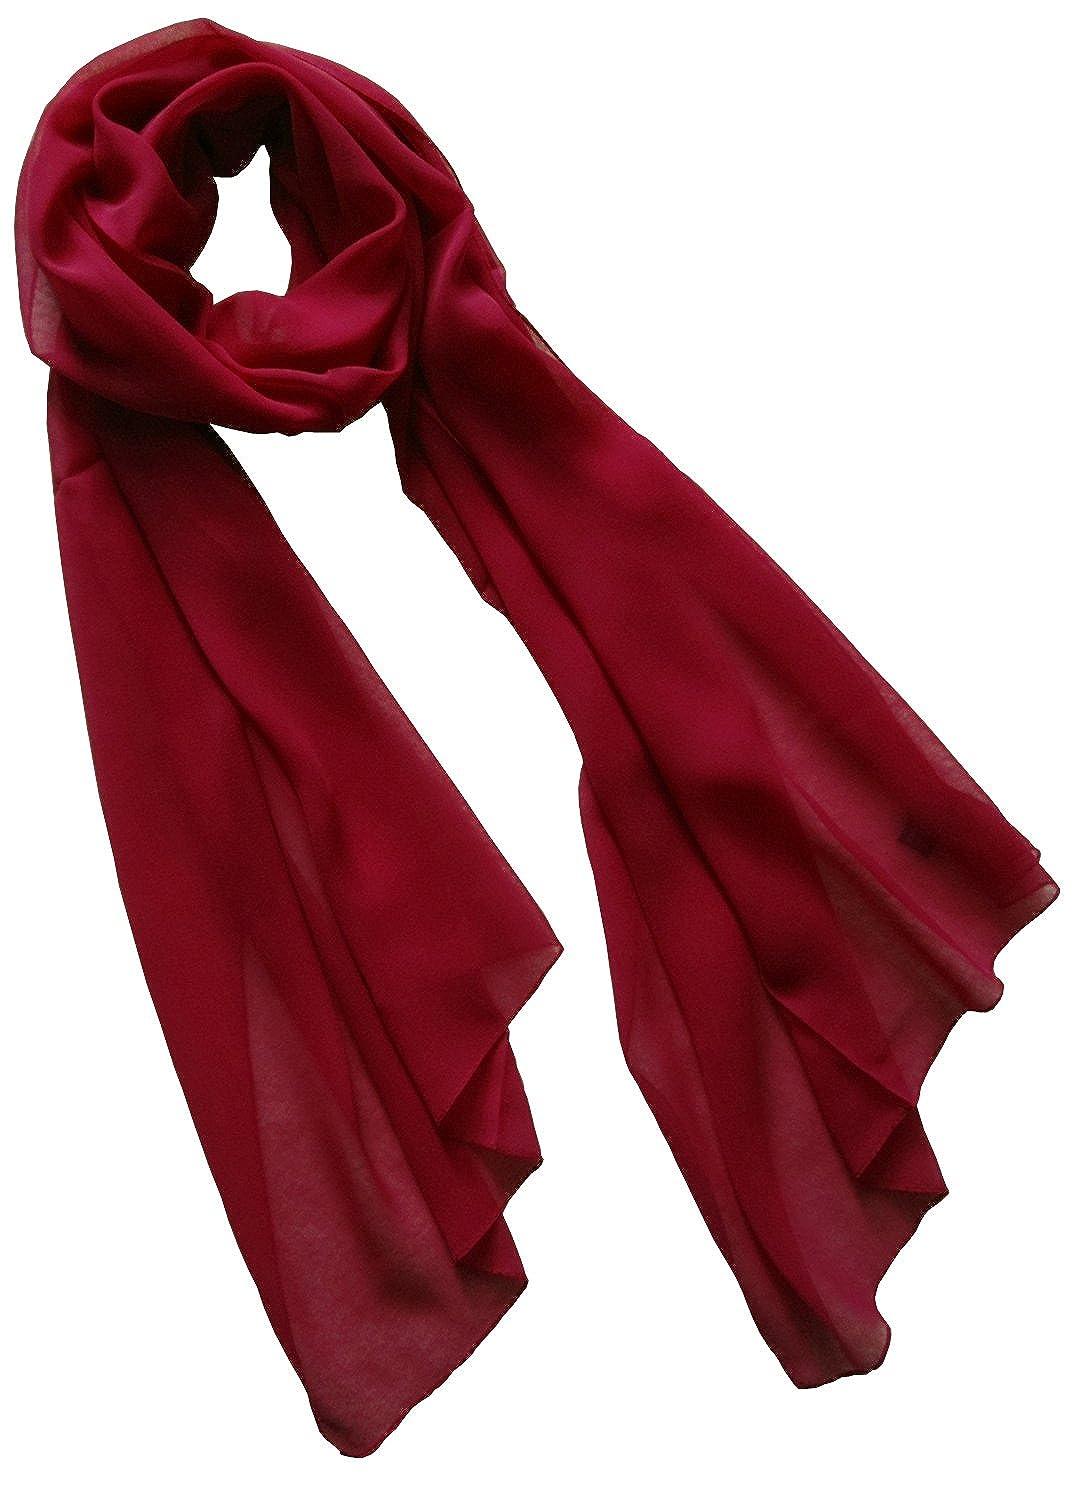 Nella-Mode Uni-Farbener Seidenschal, ca. 180x50 cm; Schal aus reiner Seide; Weiss, Schwarz, Lila, Rot, Blau, Grün, Gelb, Terracotta, helles Türkisblau, Flieder oder Bordeauxrot